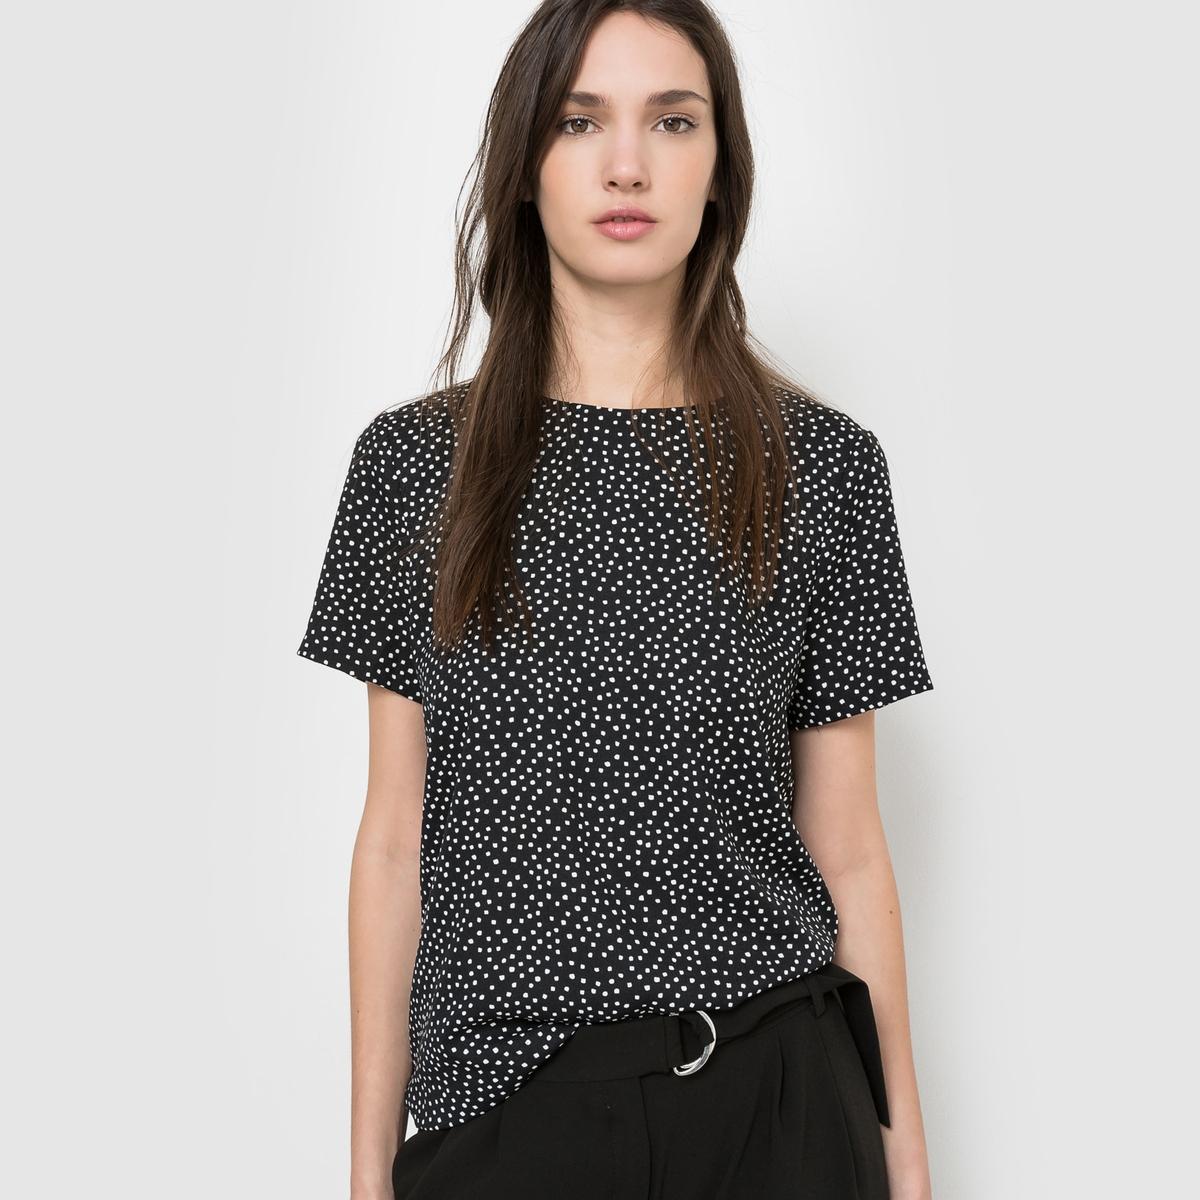 Блузка с рисунком в горошек и шнуровкой сзади, короткие рукаваБлузка. 100% полиэстера, рисунок в горошек.  Короткие рукава. Круглый вырез. Шнуровка сзади.  Длина: 62 см.<br><br>Цвет: черный в горошек экрю<br>Размер: 34 (FR) - 40 (RUS)